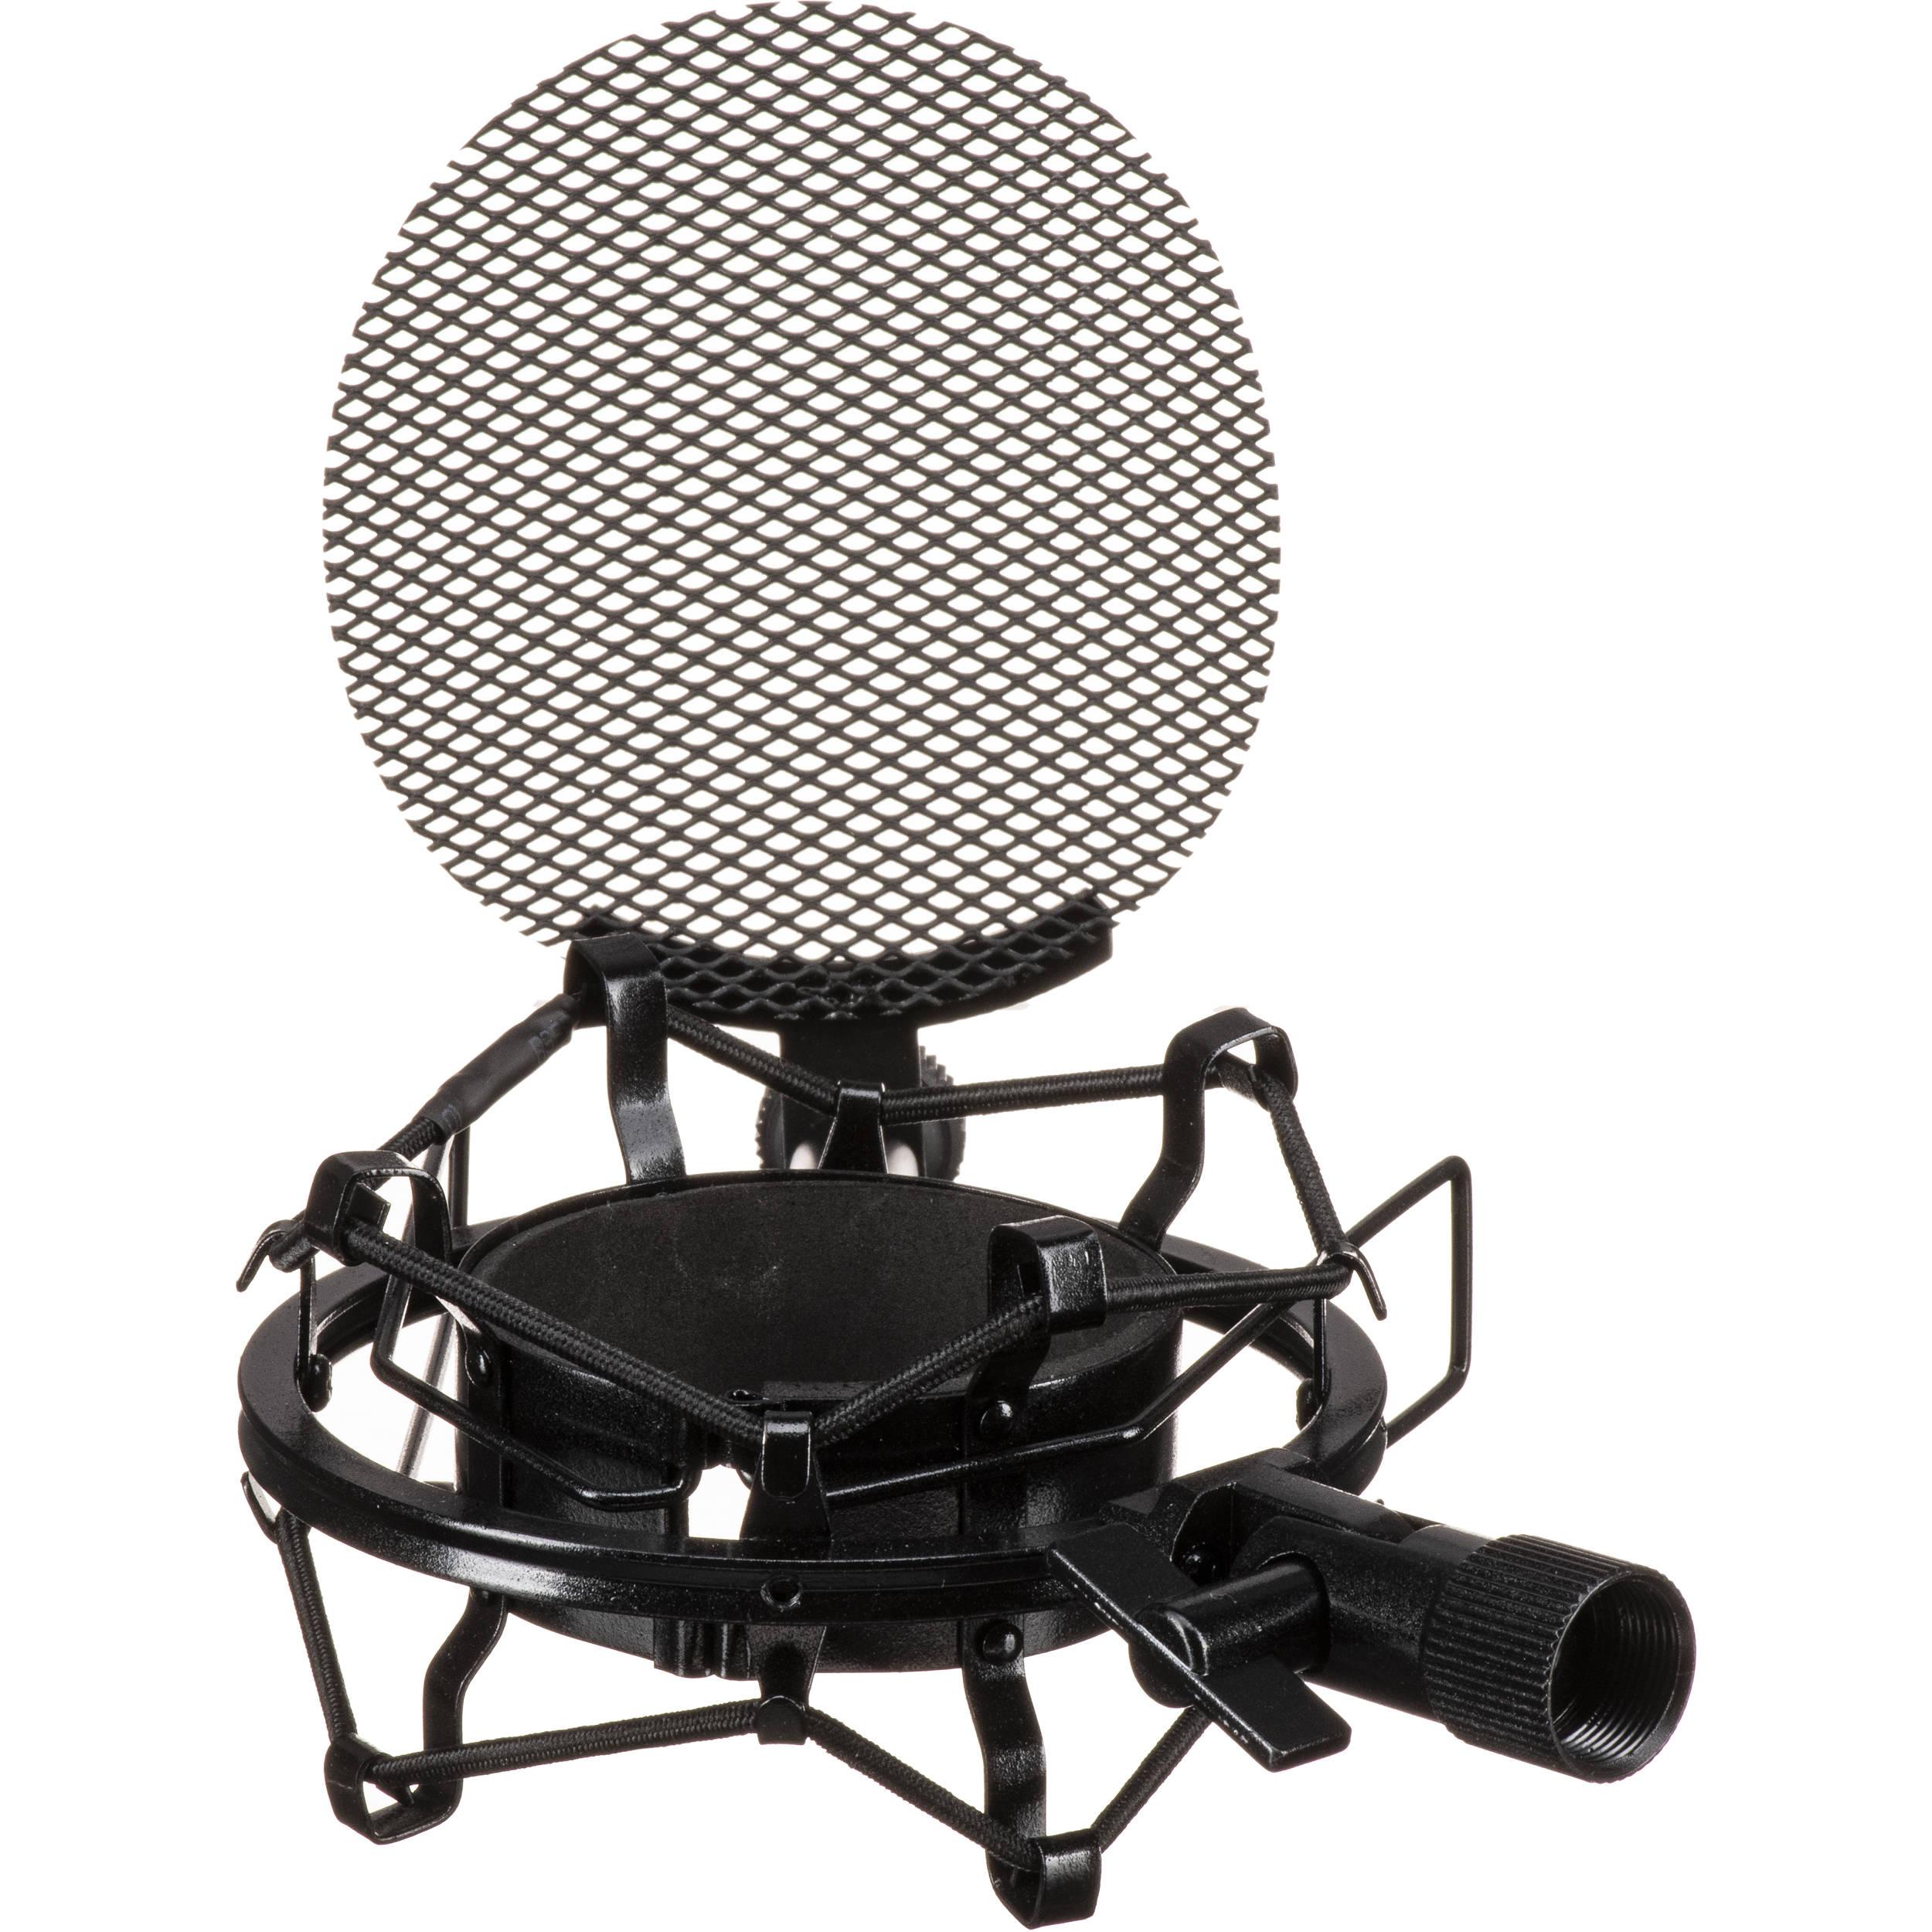 mxl smp 1 shockmount with built in metal pop filter for 770. Black Bedroom Furniture Sets. Home Design Ideas